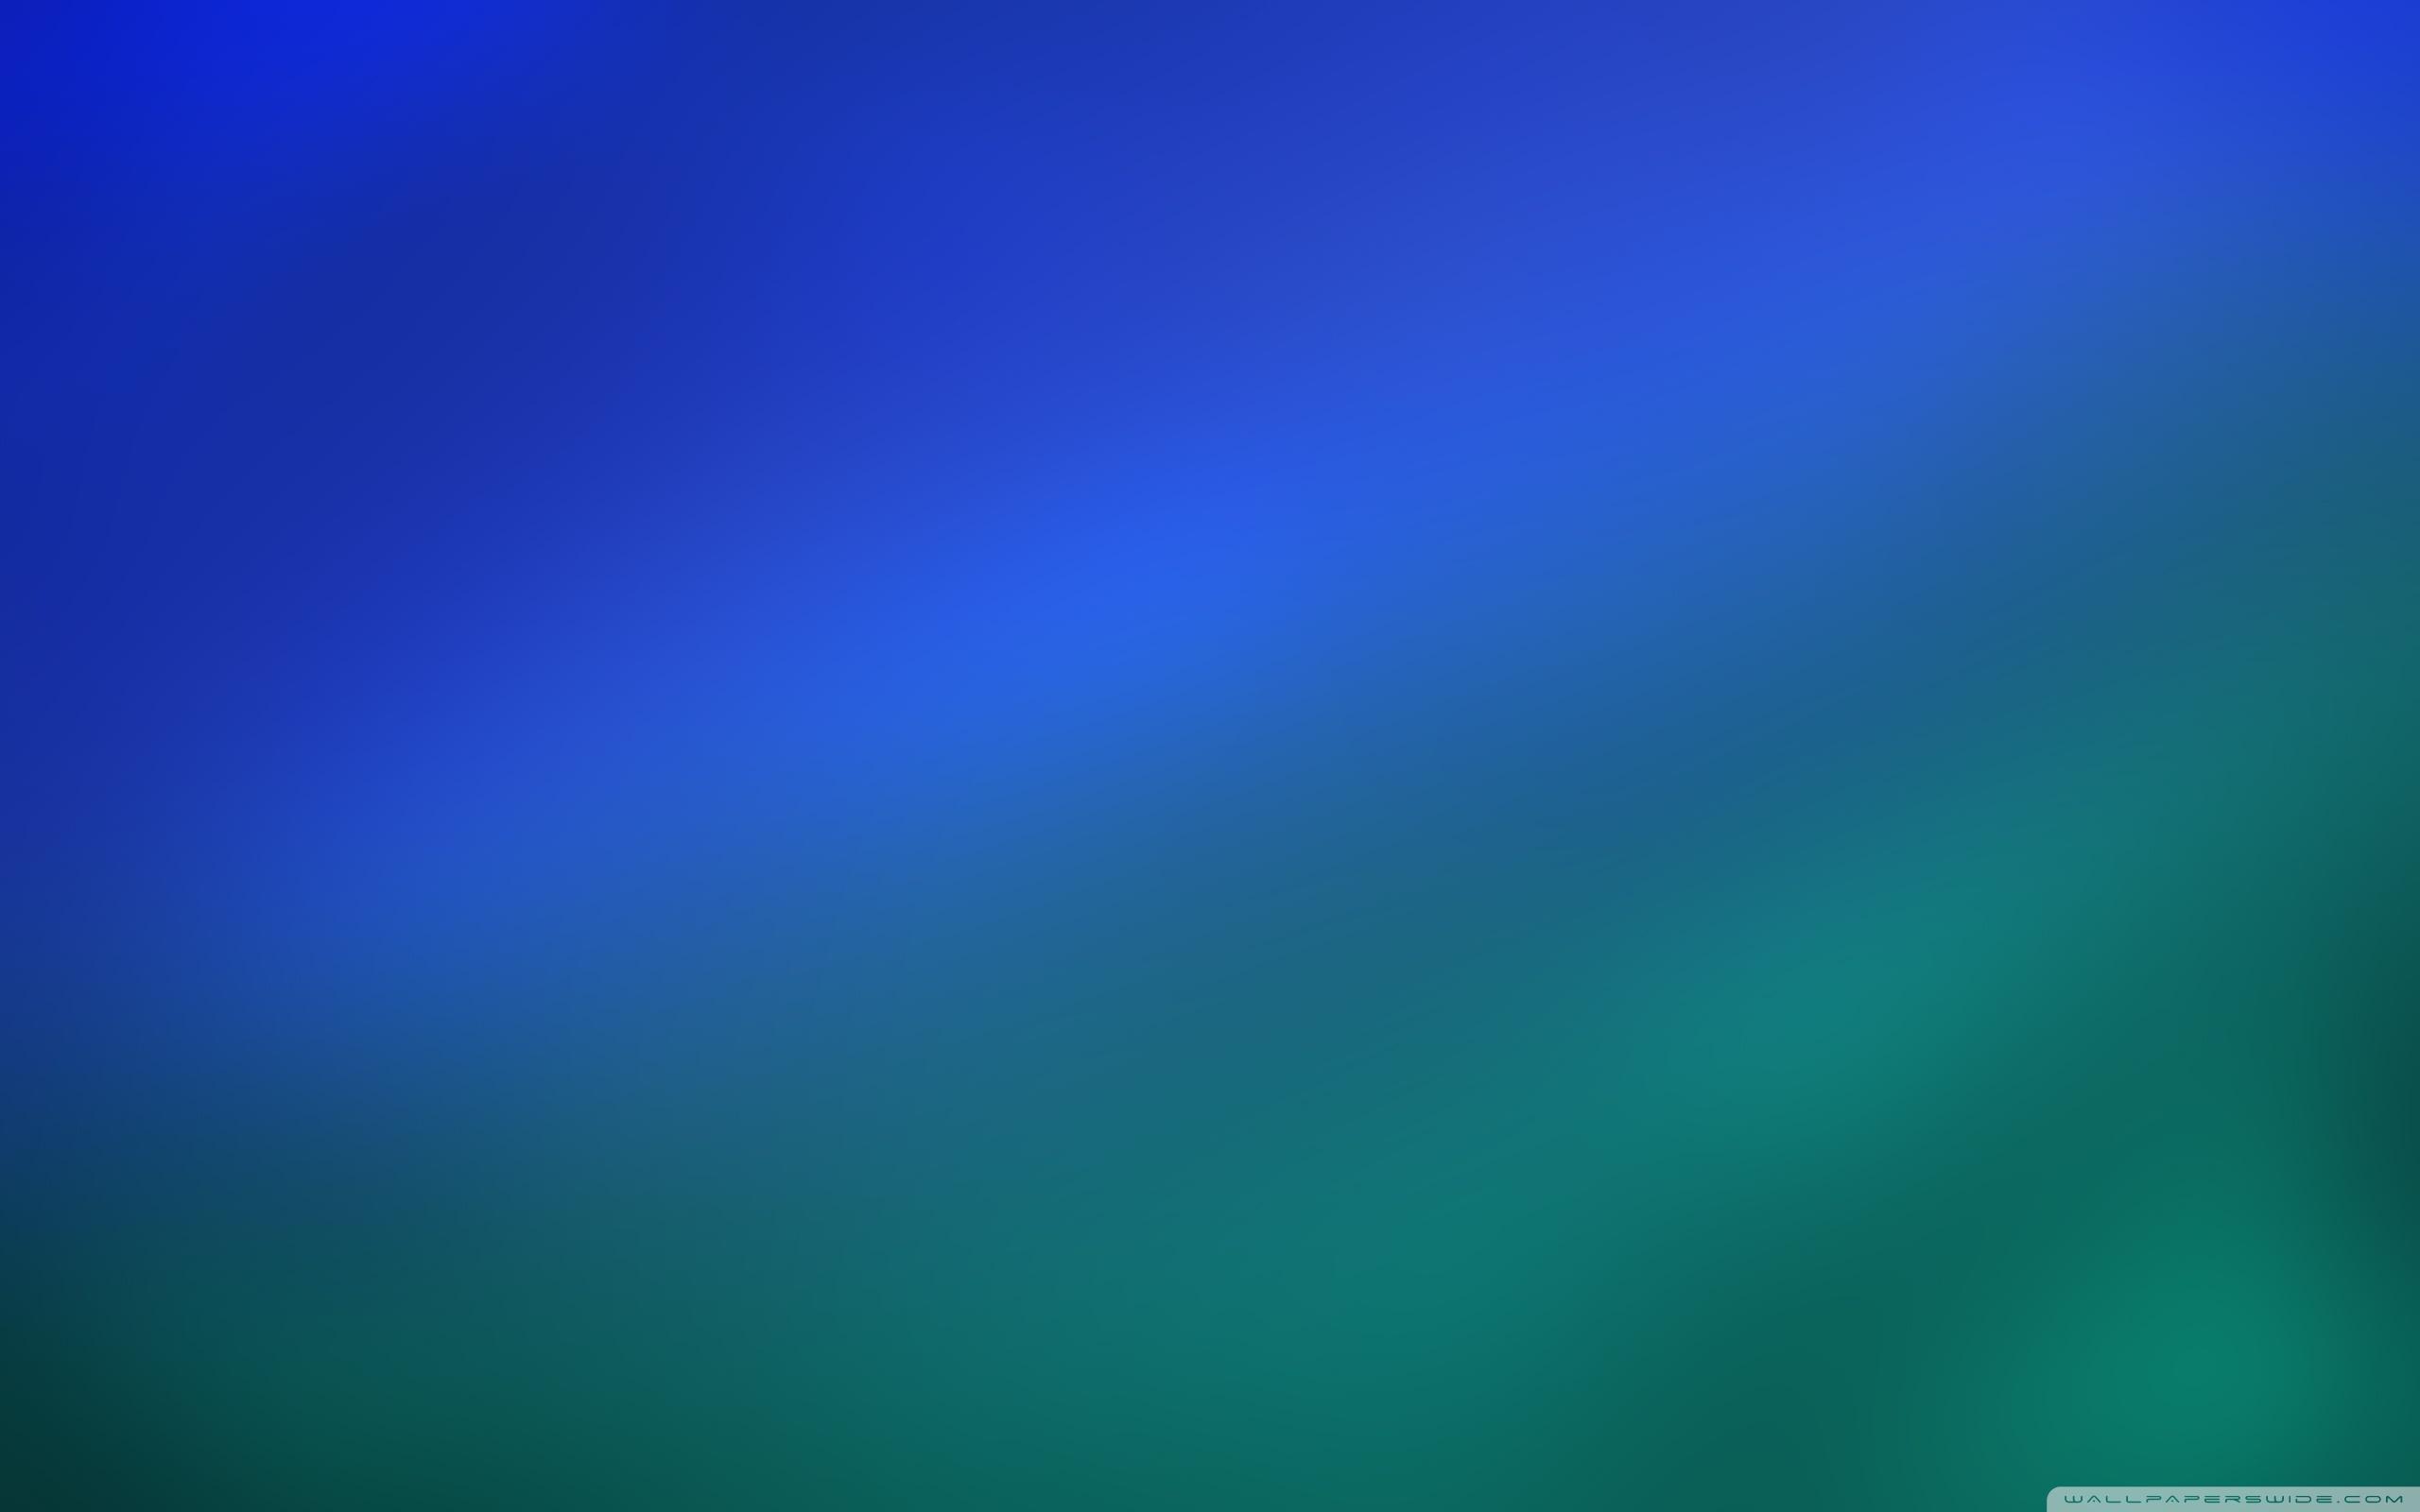 Blue Green HD desktop wallpaper : High Definition : Fullscreen